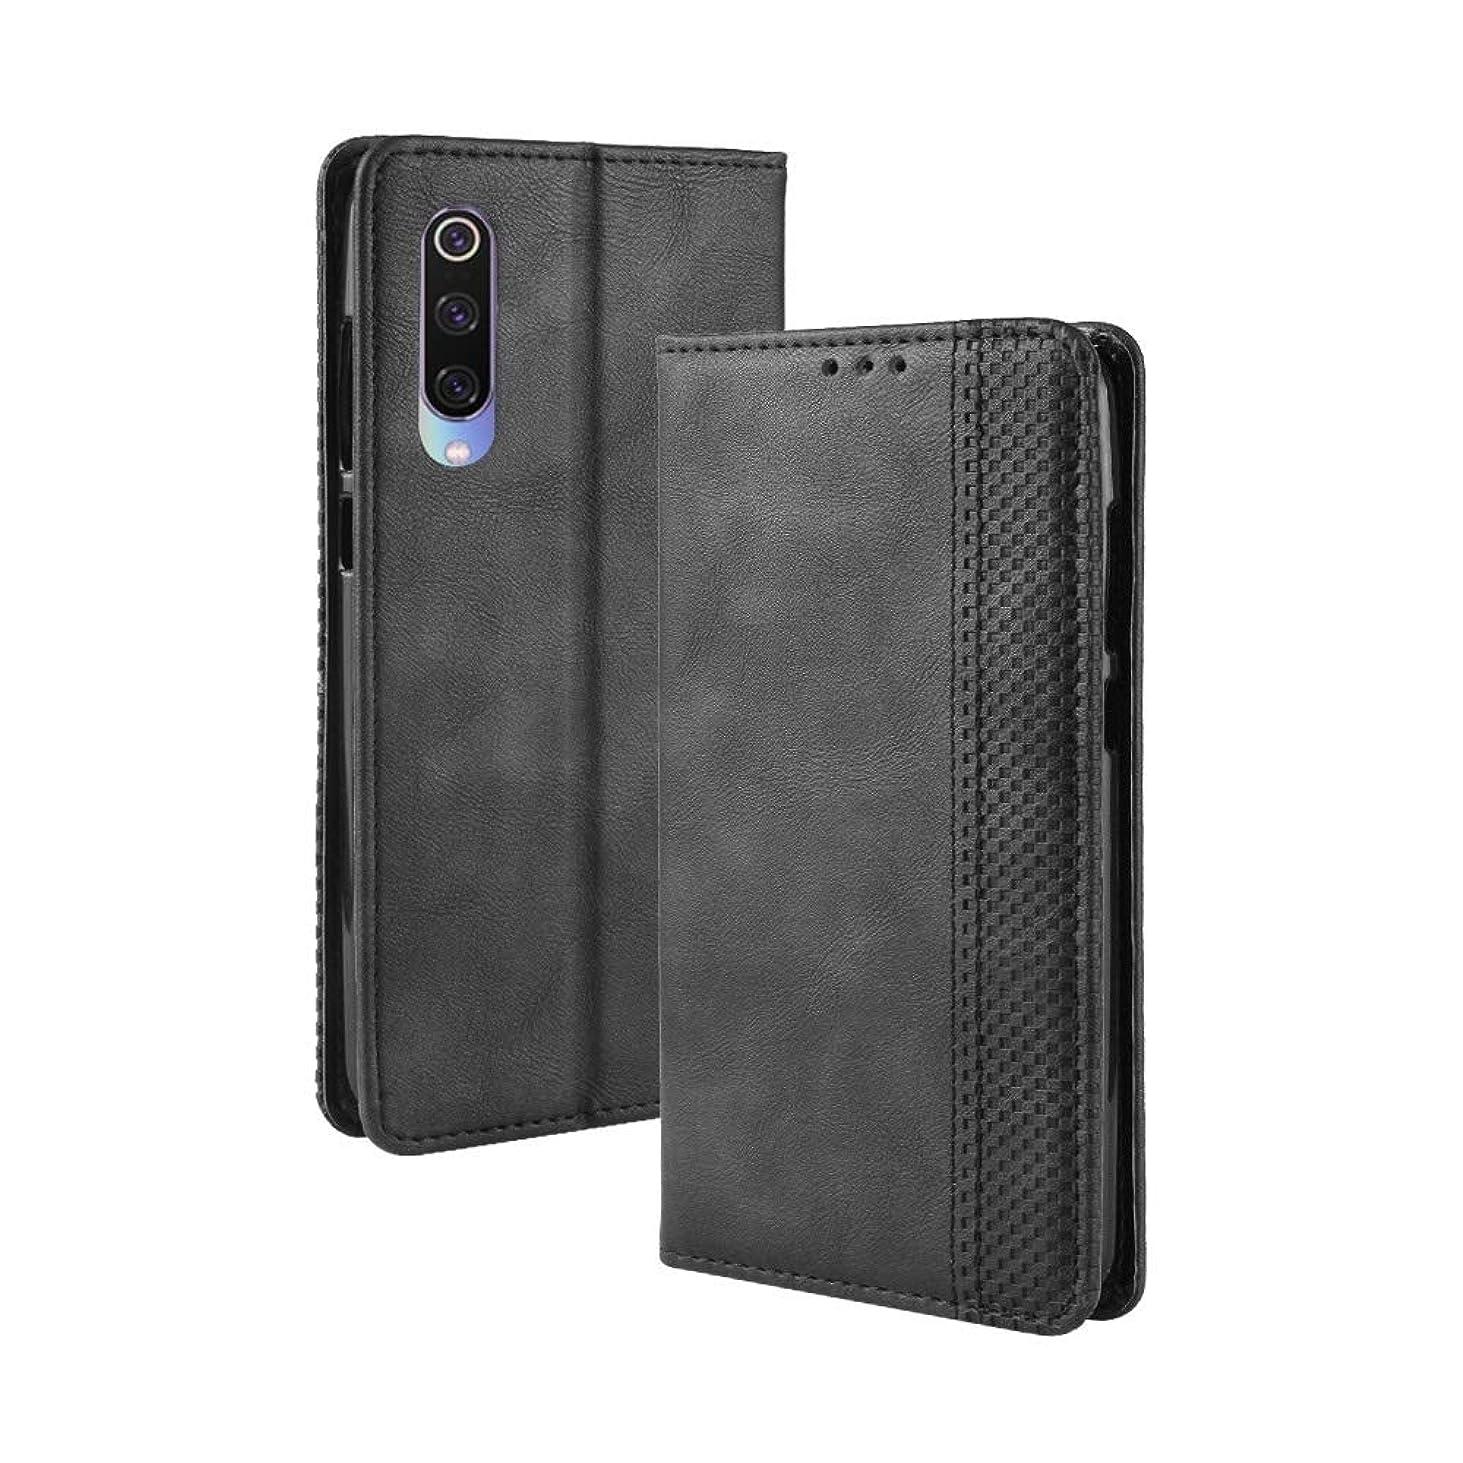 ディプロマ複製進化するホルダー&カードスロット&財布と小米科技ミ9、磁気バックルレトロな質感水平フリップレザーケース brand:TONWIN (Color : Black)